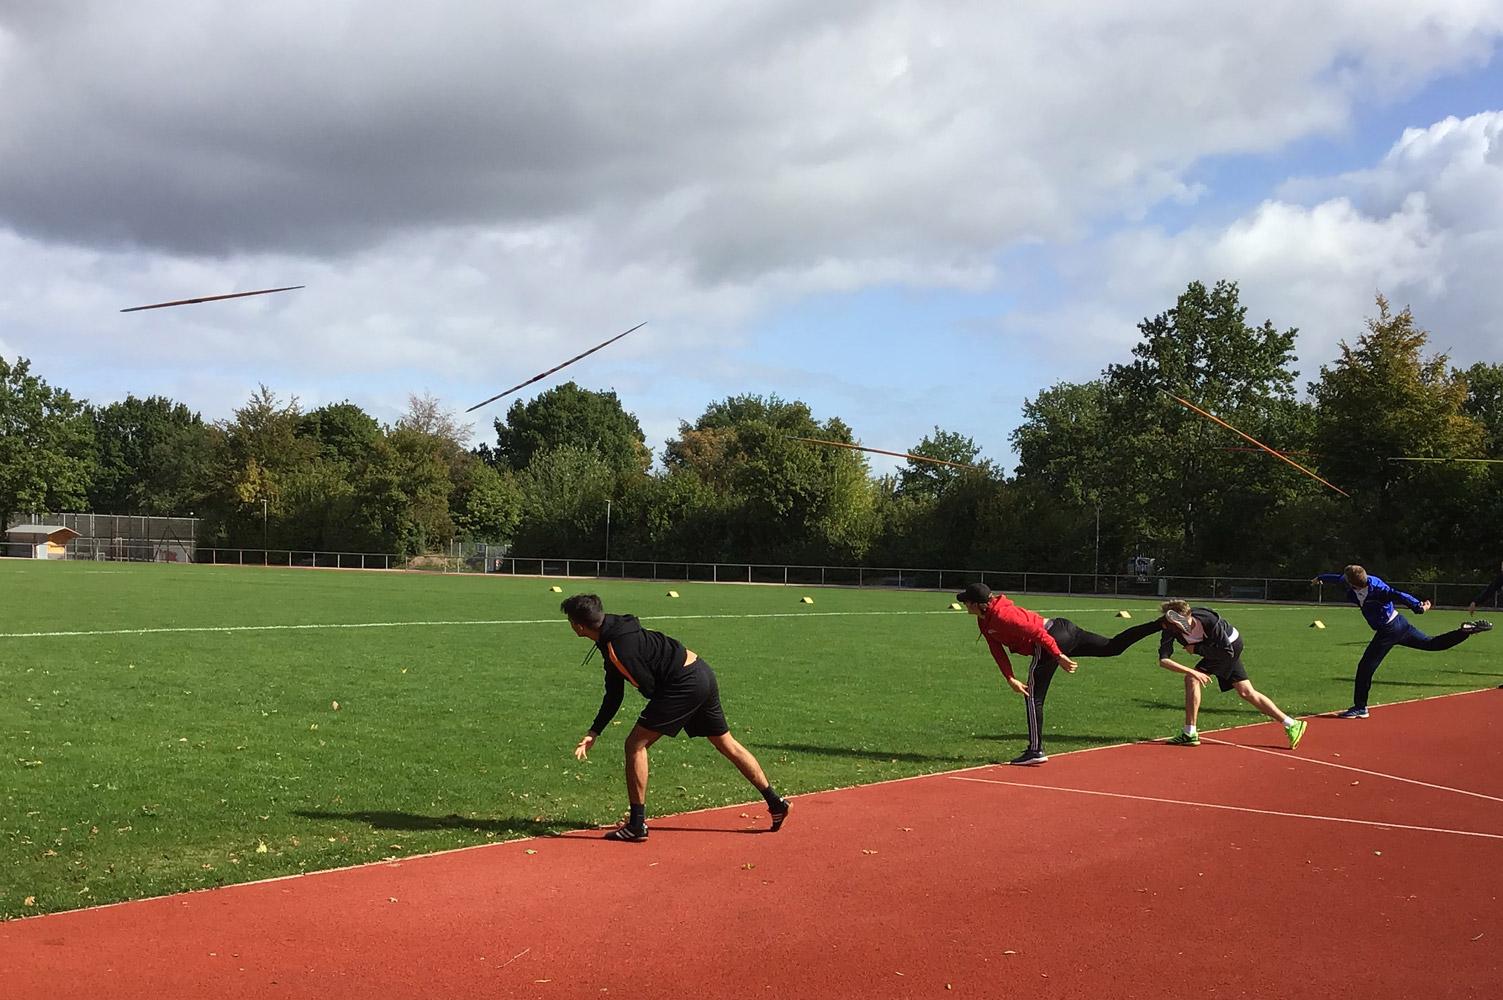 Einige Schüler üben das Speerwerfen auf dem Sportplatz der Erich Kästner Gemeinschaftschule